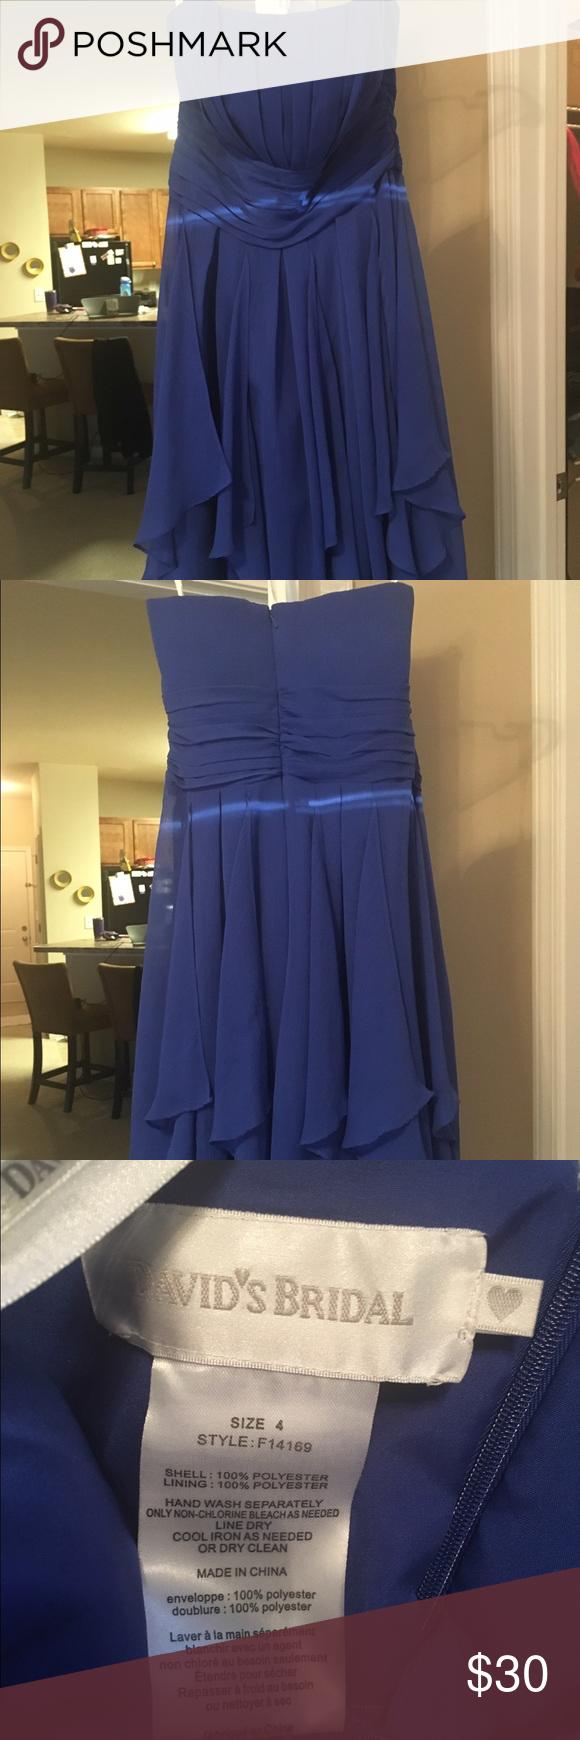 David's Bridal Cobalt Dress Worn once.  No damage, stains, etc... size 4. 100%Polyester.  Cobalt blue. David's Bridal Dresses Strapless #cobaltdress